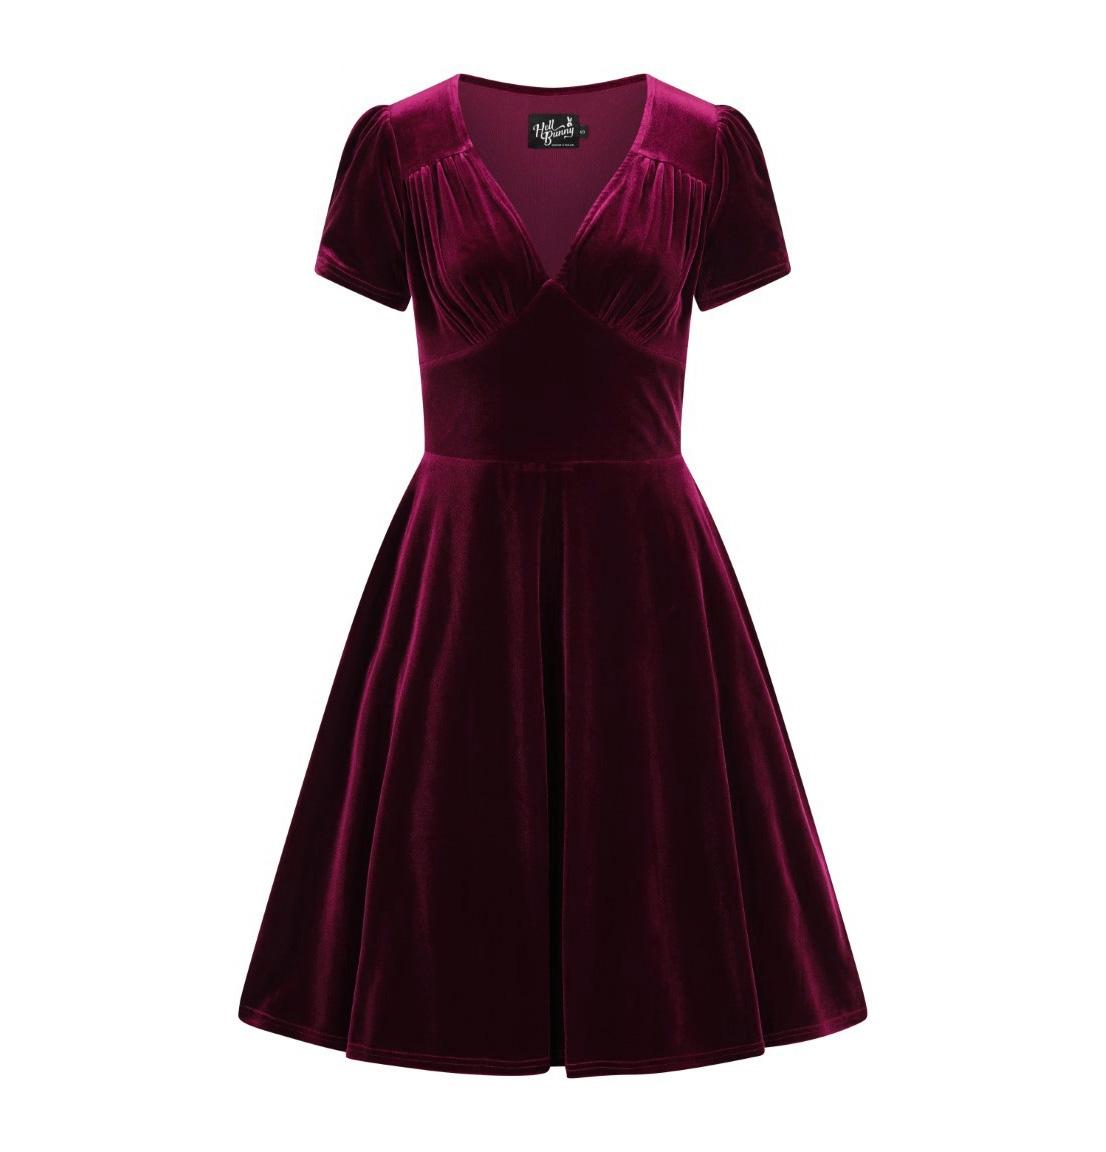 Hell-Bunny-40s-50s-Elegant-Pin-Up-Dress-JOANNE-Crushed-Velvet-Burgundy-All-Sizes thumbnail 11